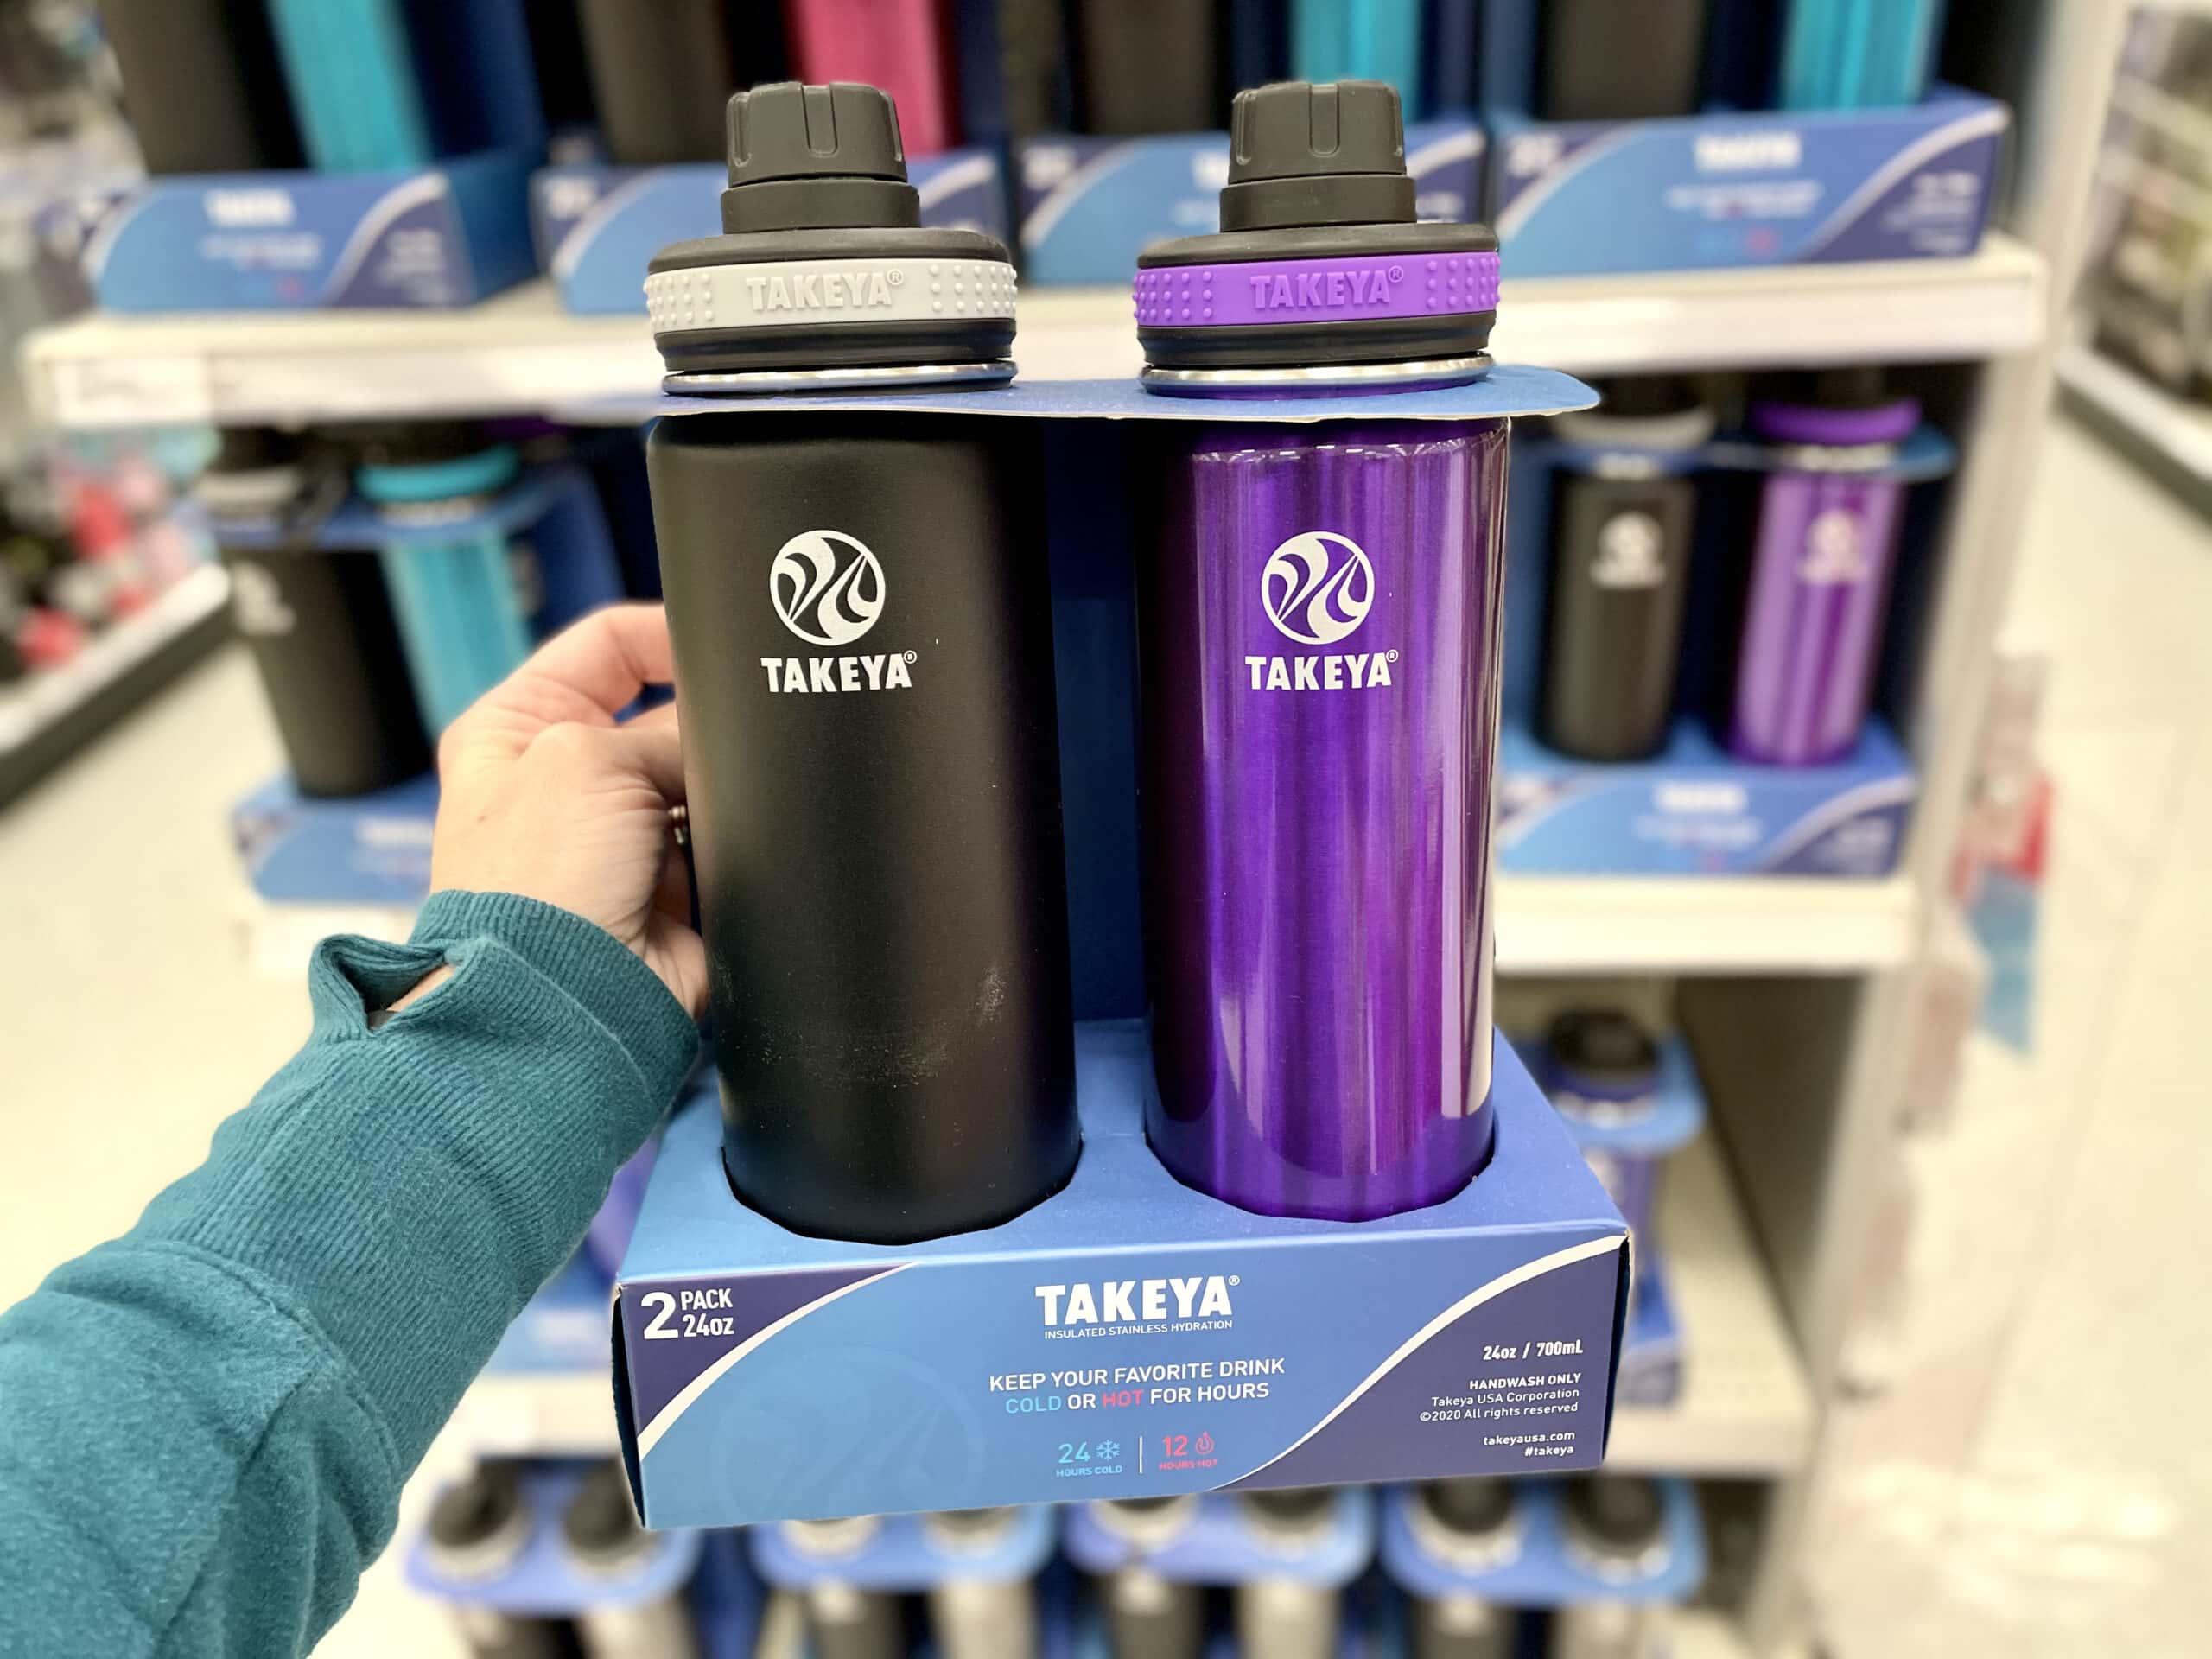 takeya water bottles